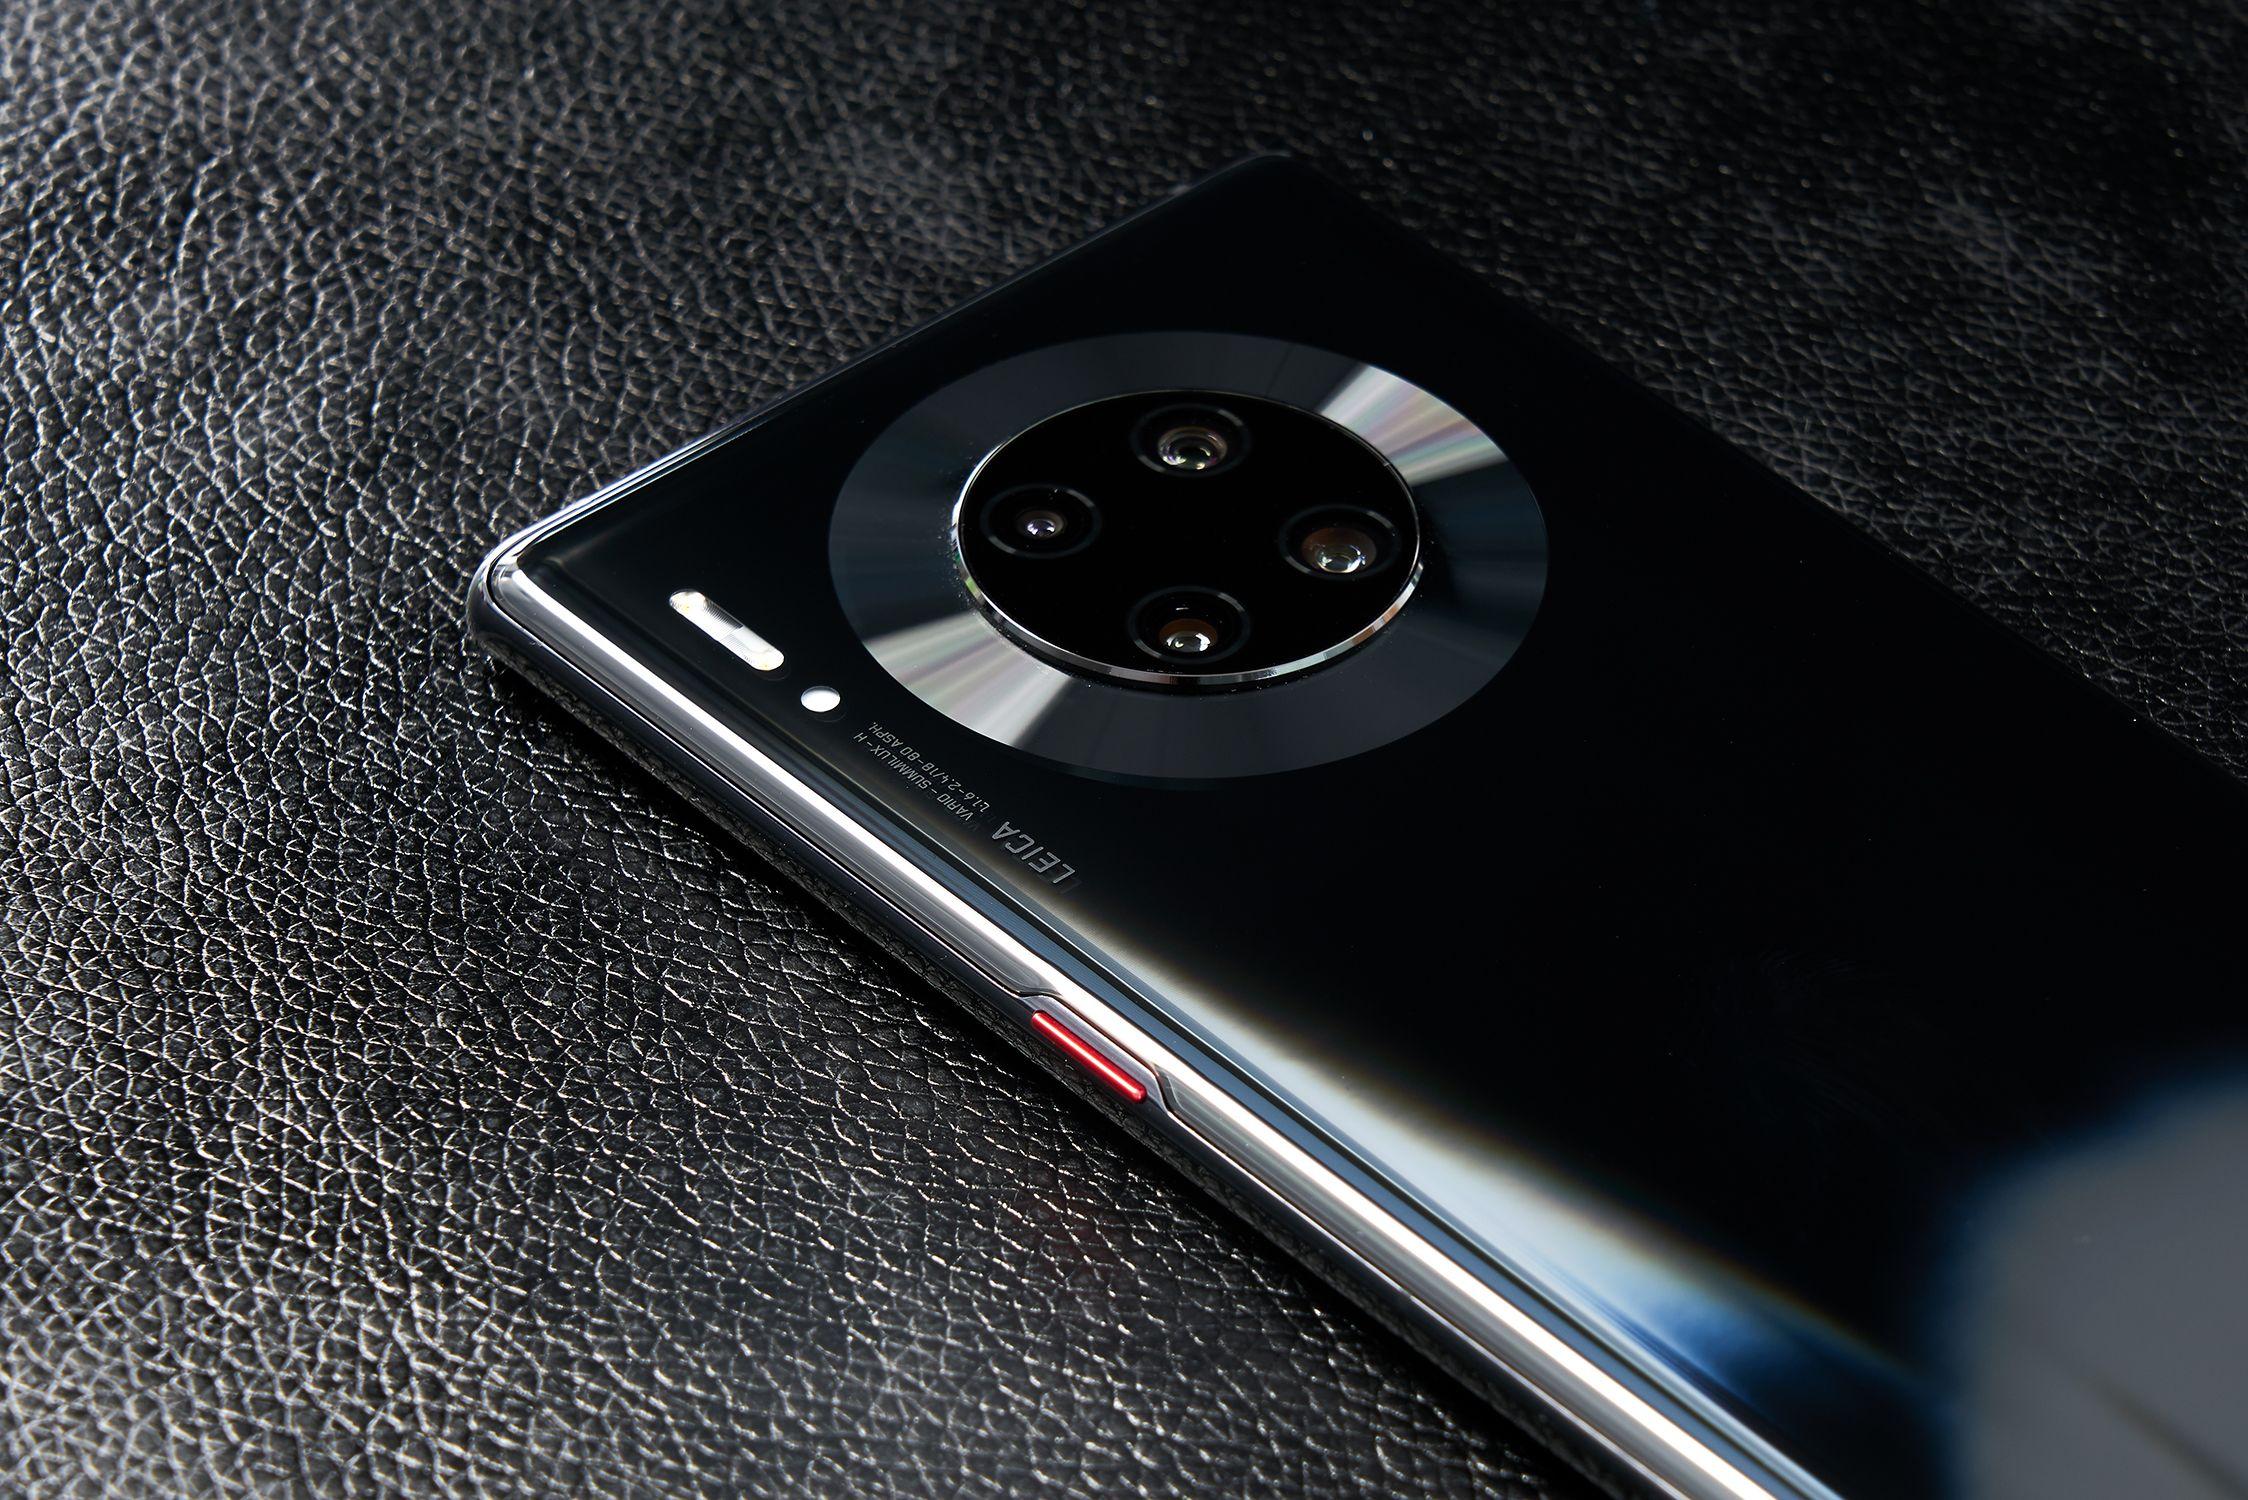 华为Mate30 Pro上手评测:超曲面环幕屏,影像能力提升明显的照片 - 8